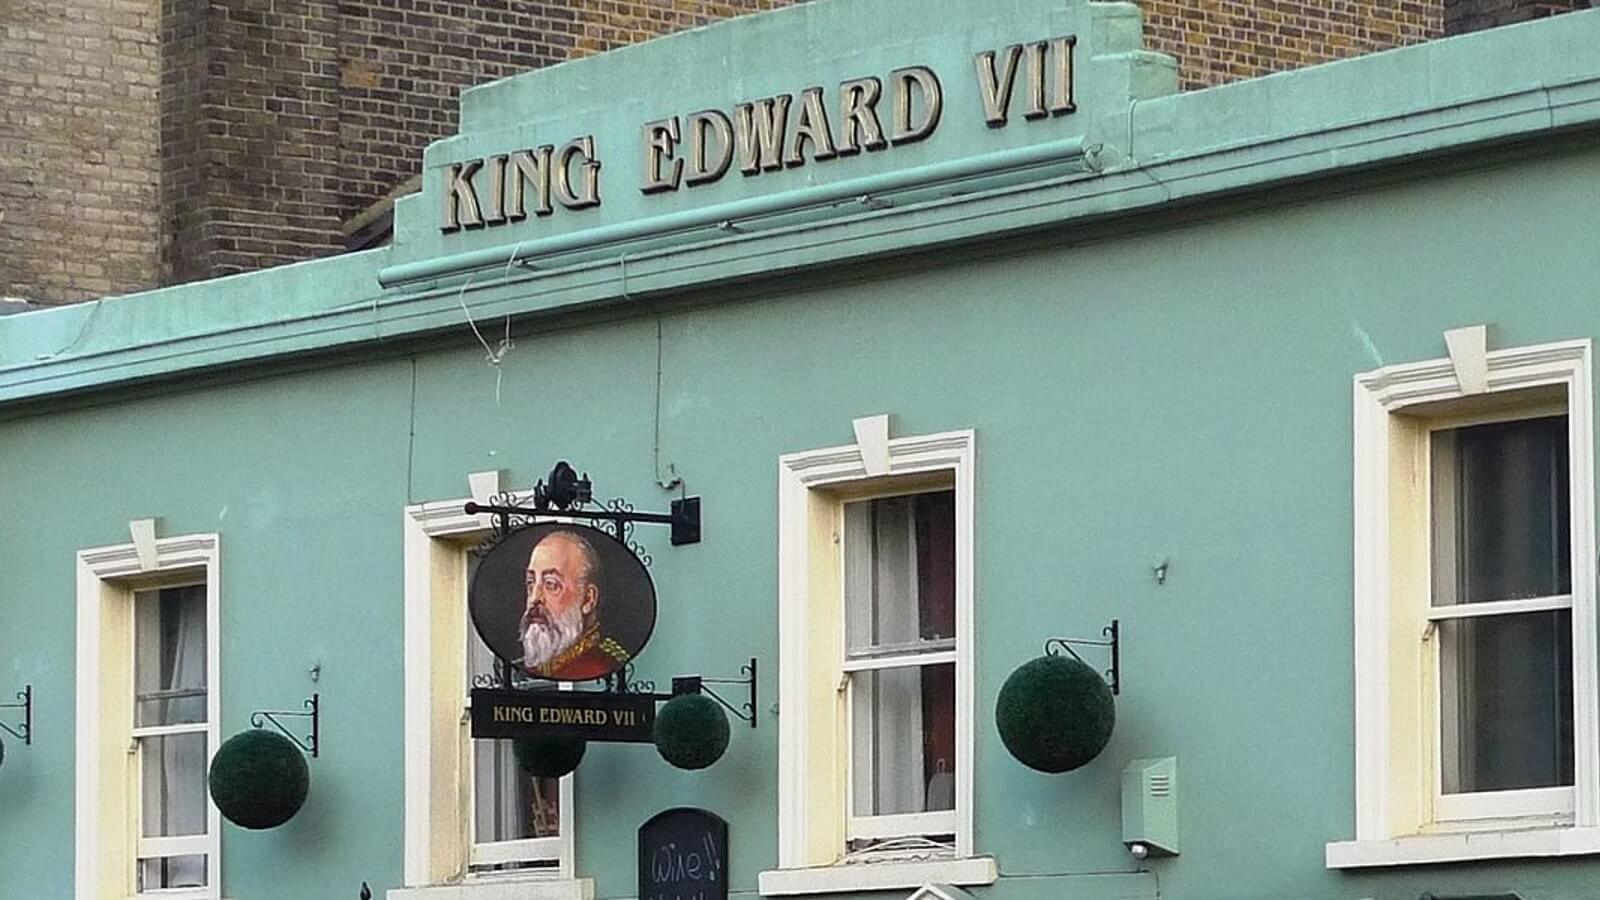 King Eddie's VII